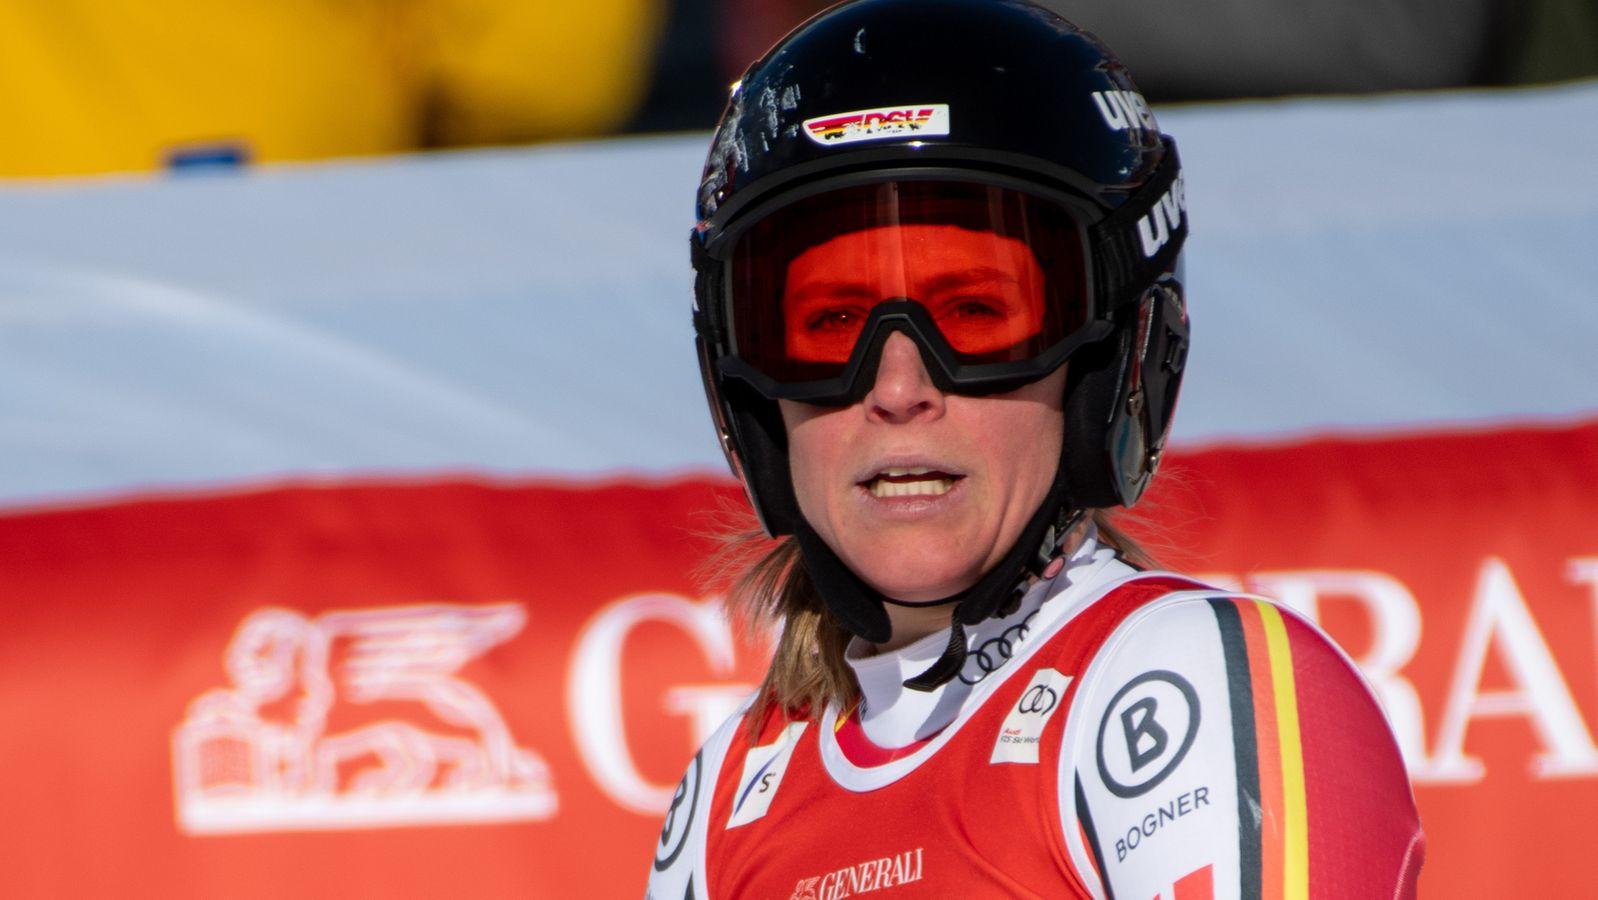 Ski Alpin: Speedspezialistin Hronek beendet Karriere